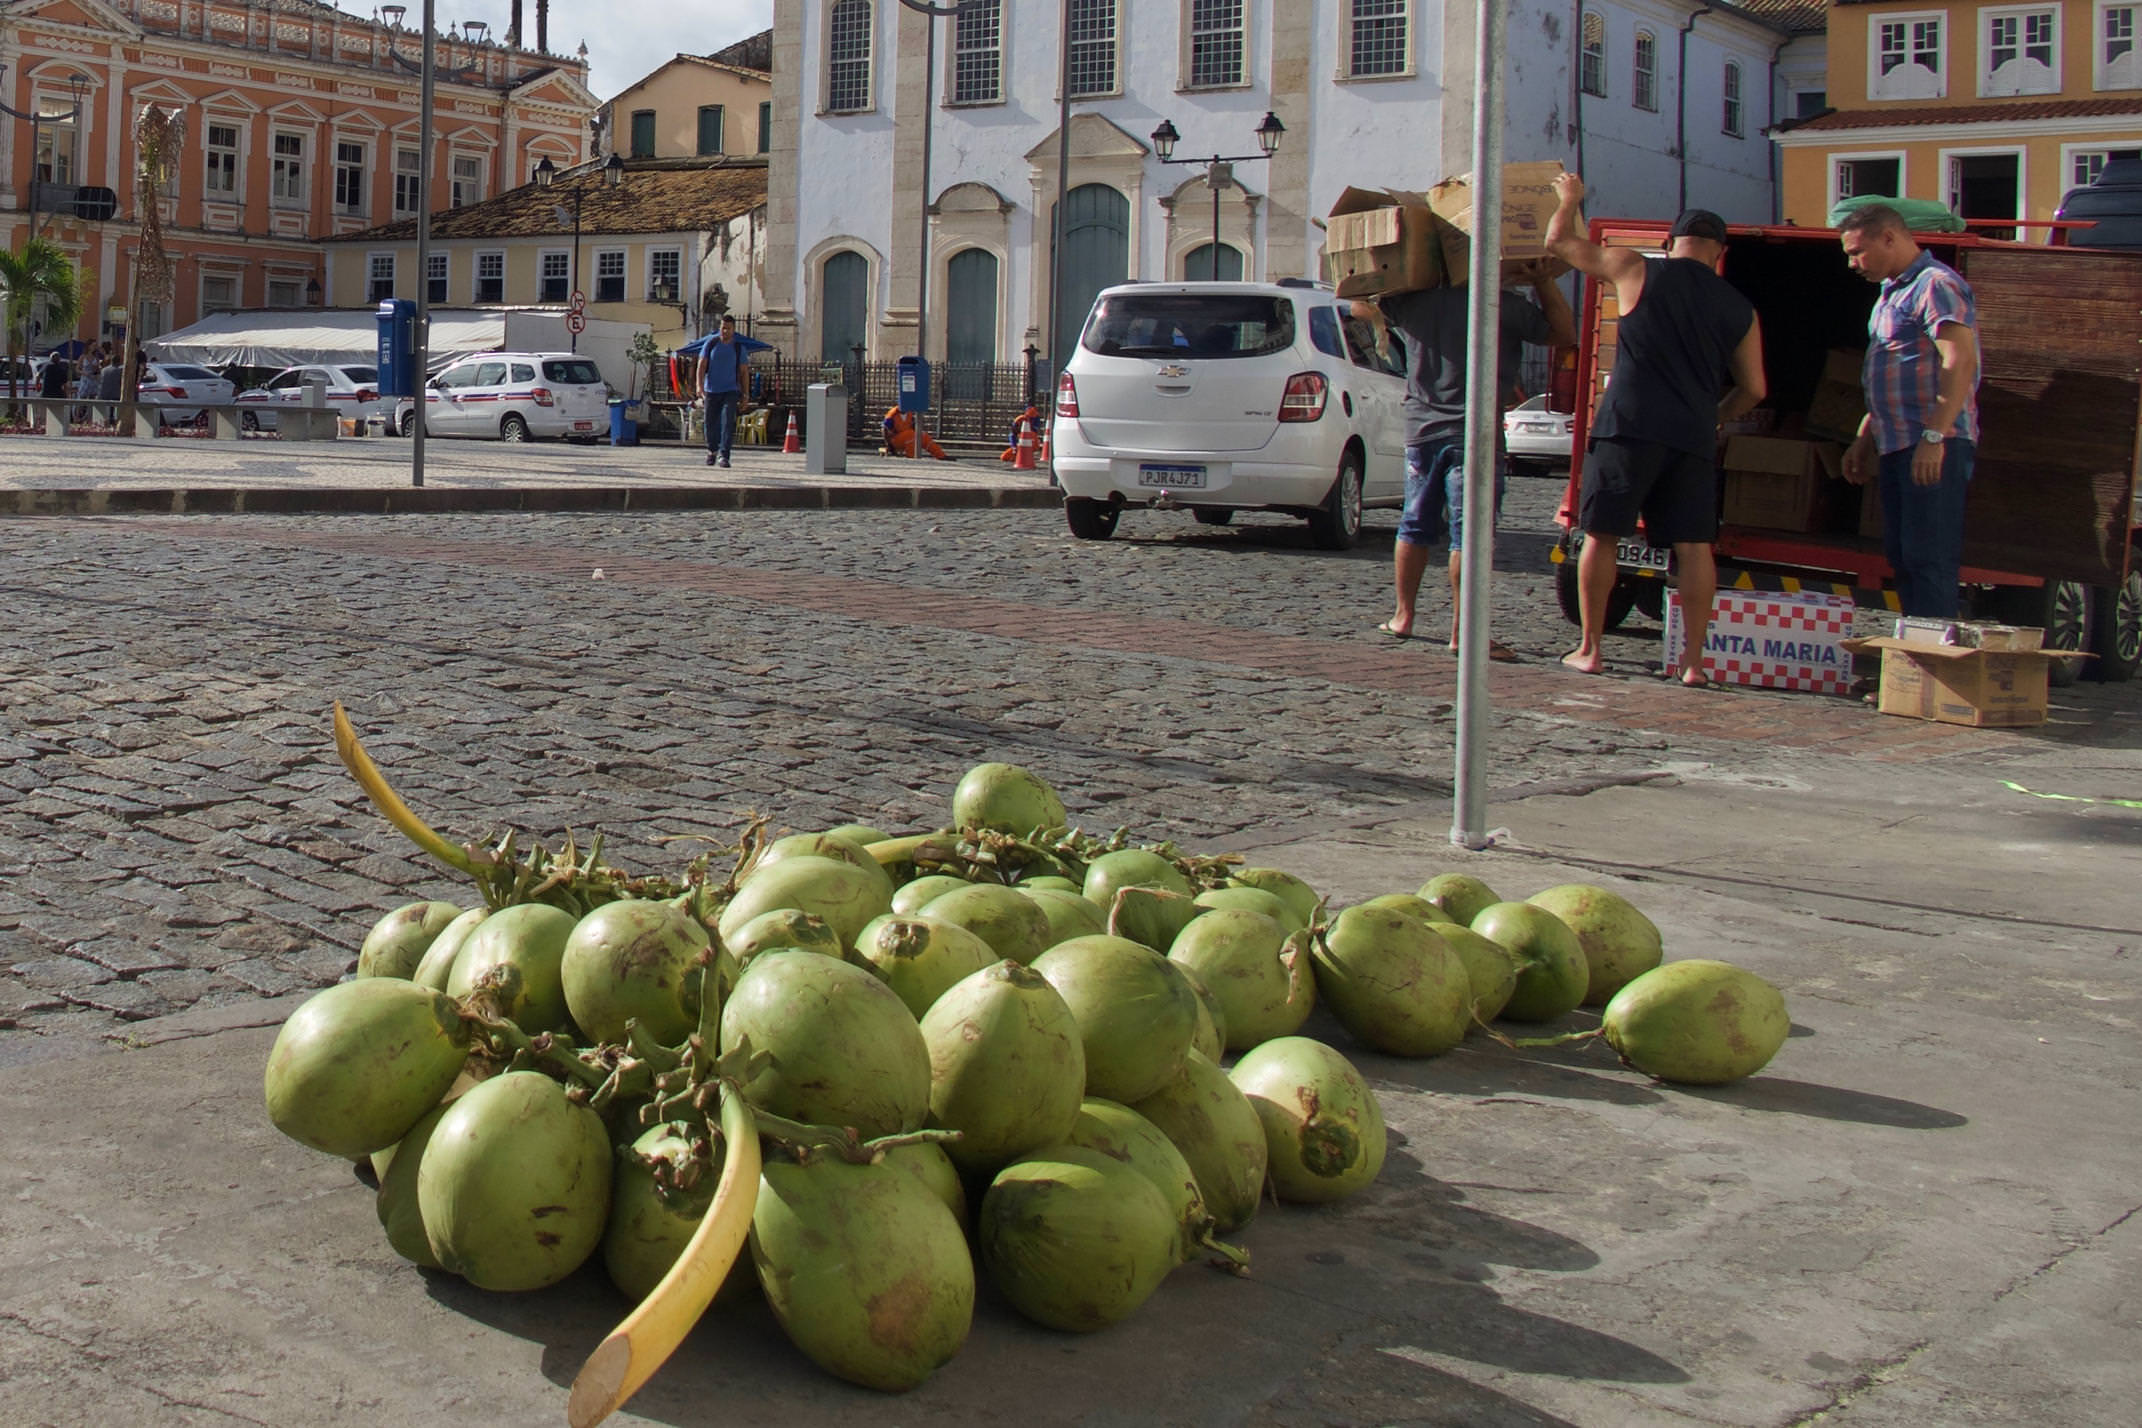 Brazil Salvador Pelourinho Coconuts on the street